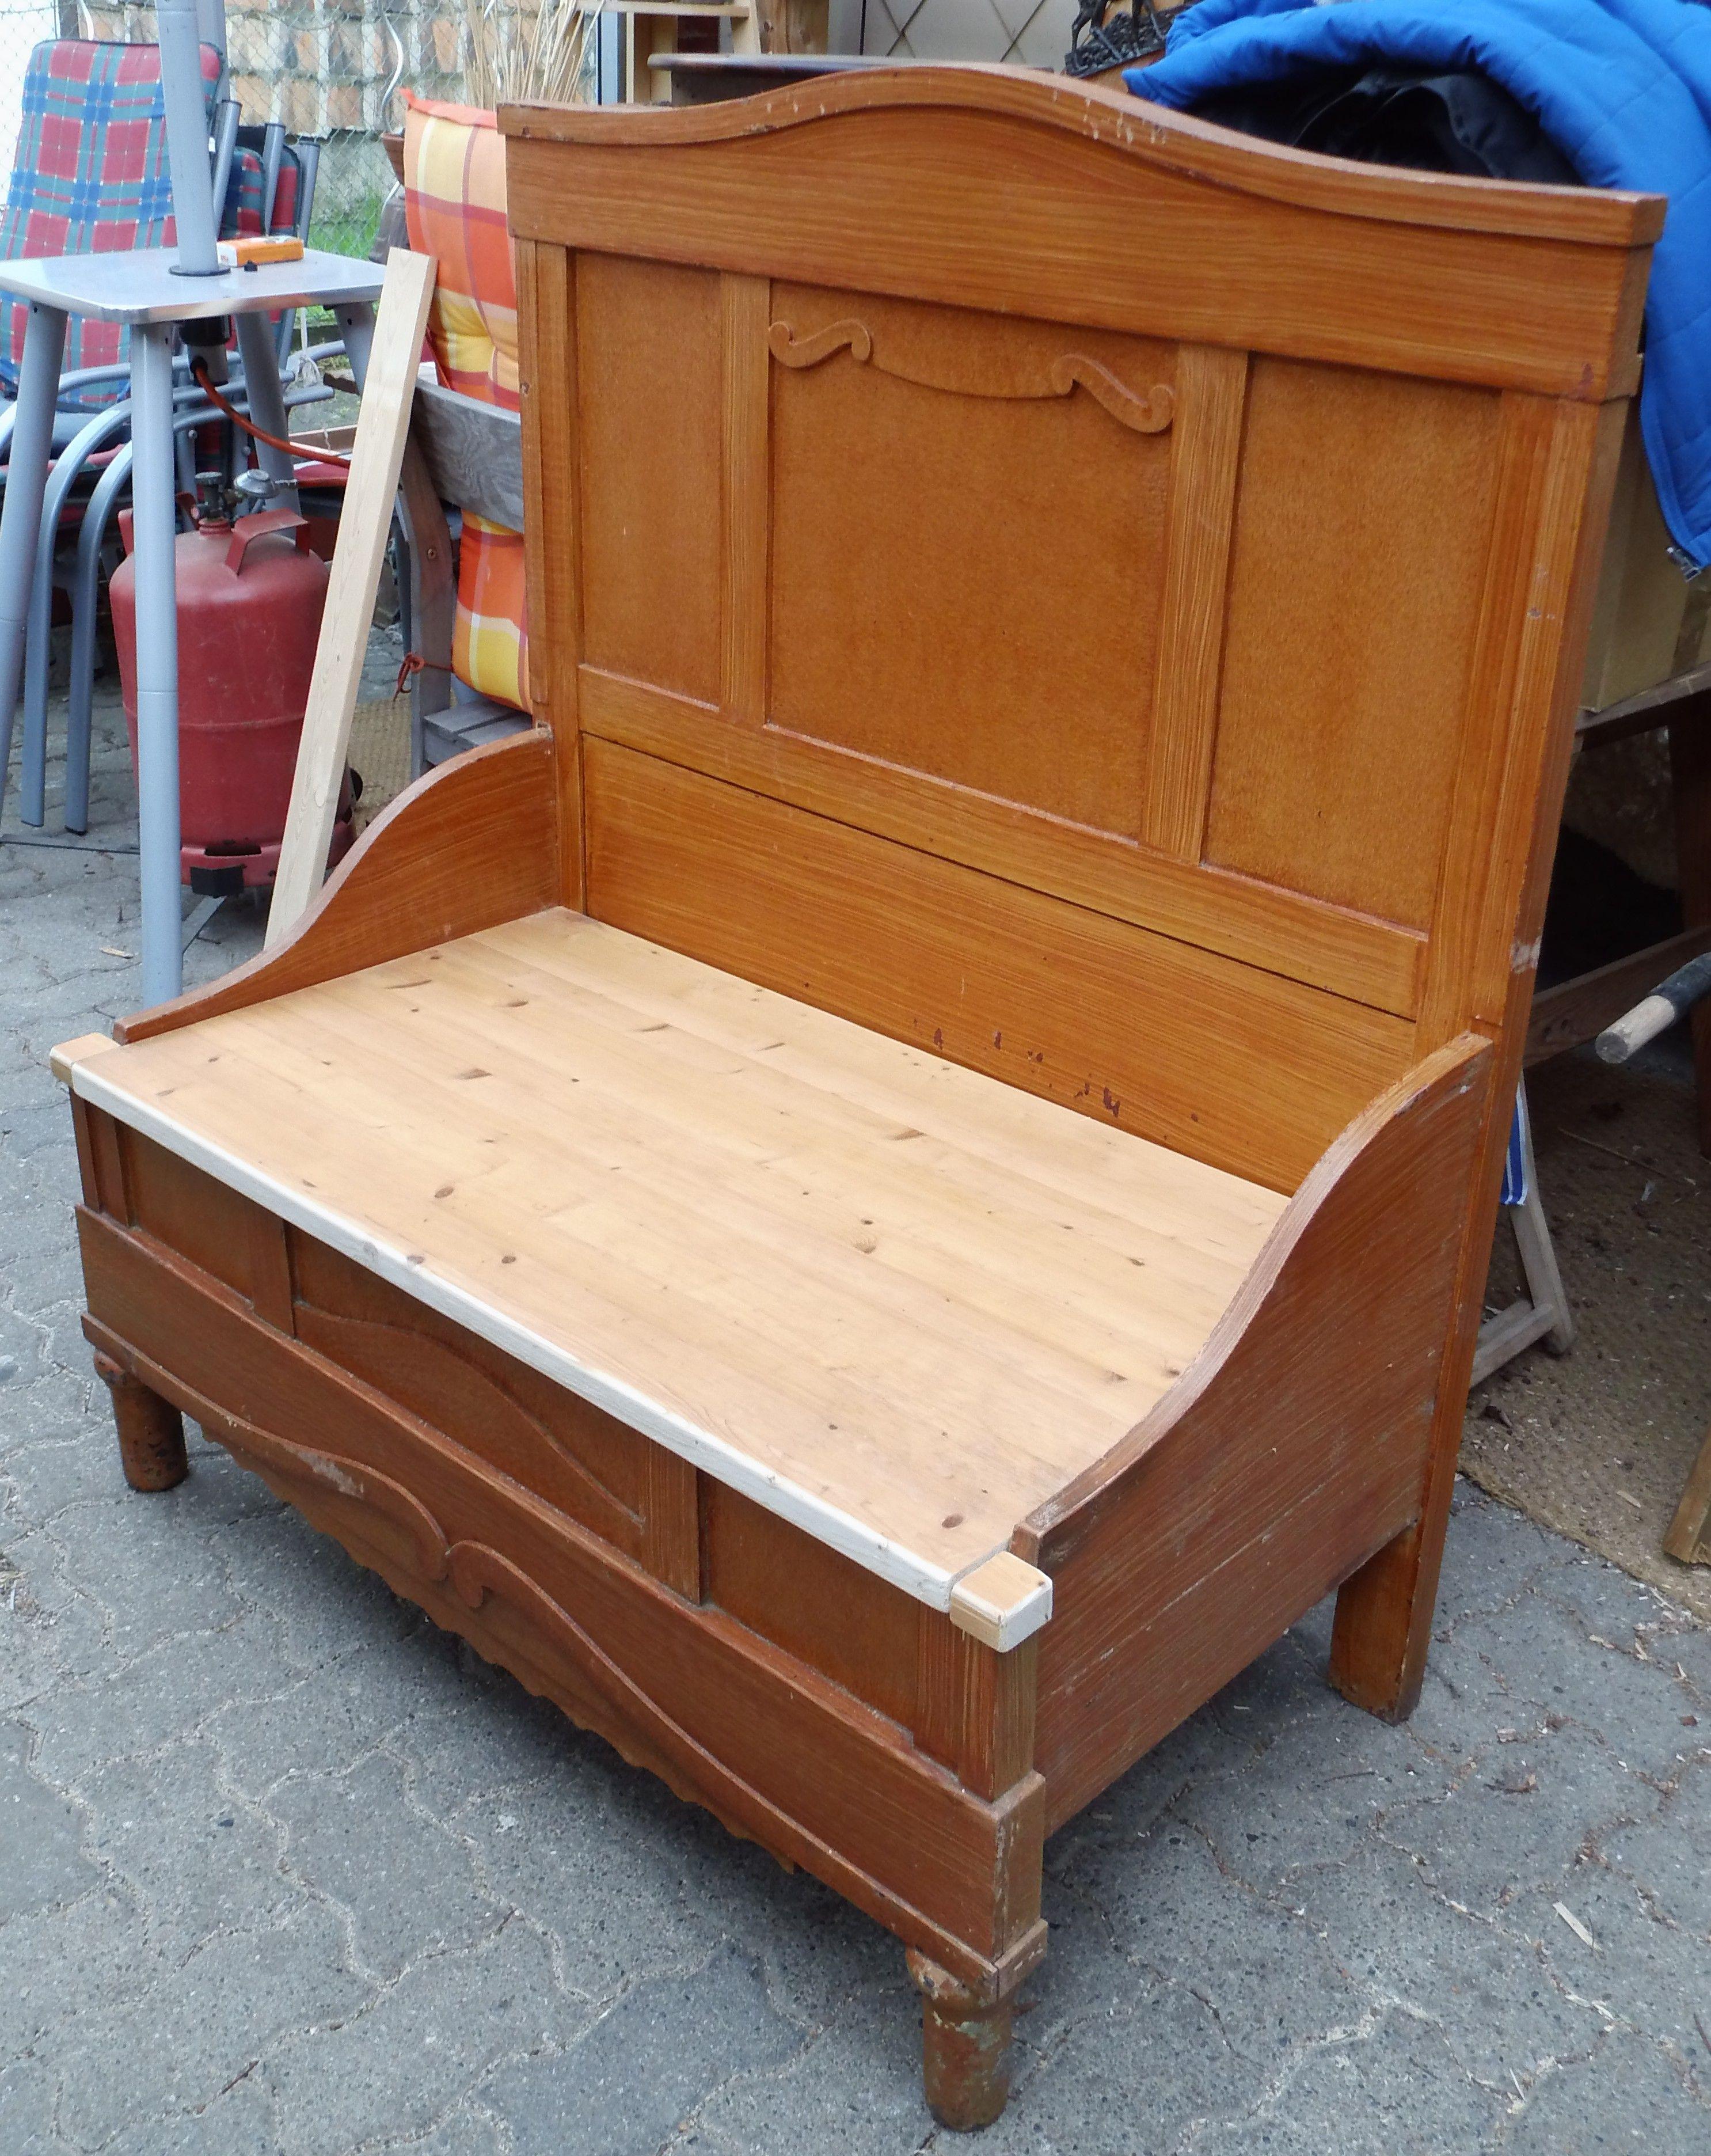 Fertig: Die Vorderen Ecken Noch Mit Kleinen Holzstücken Angeglichen An Die  Sitzfläche.